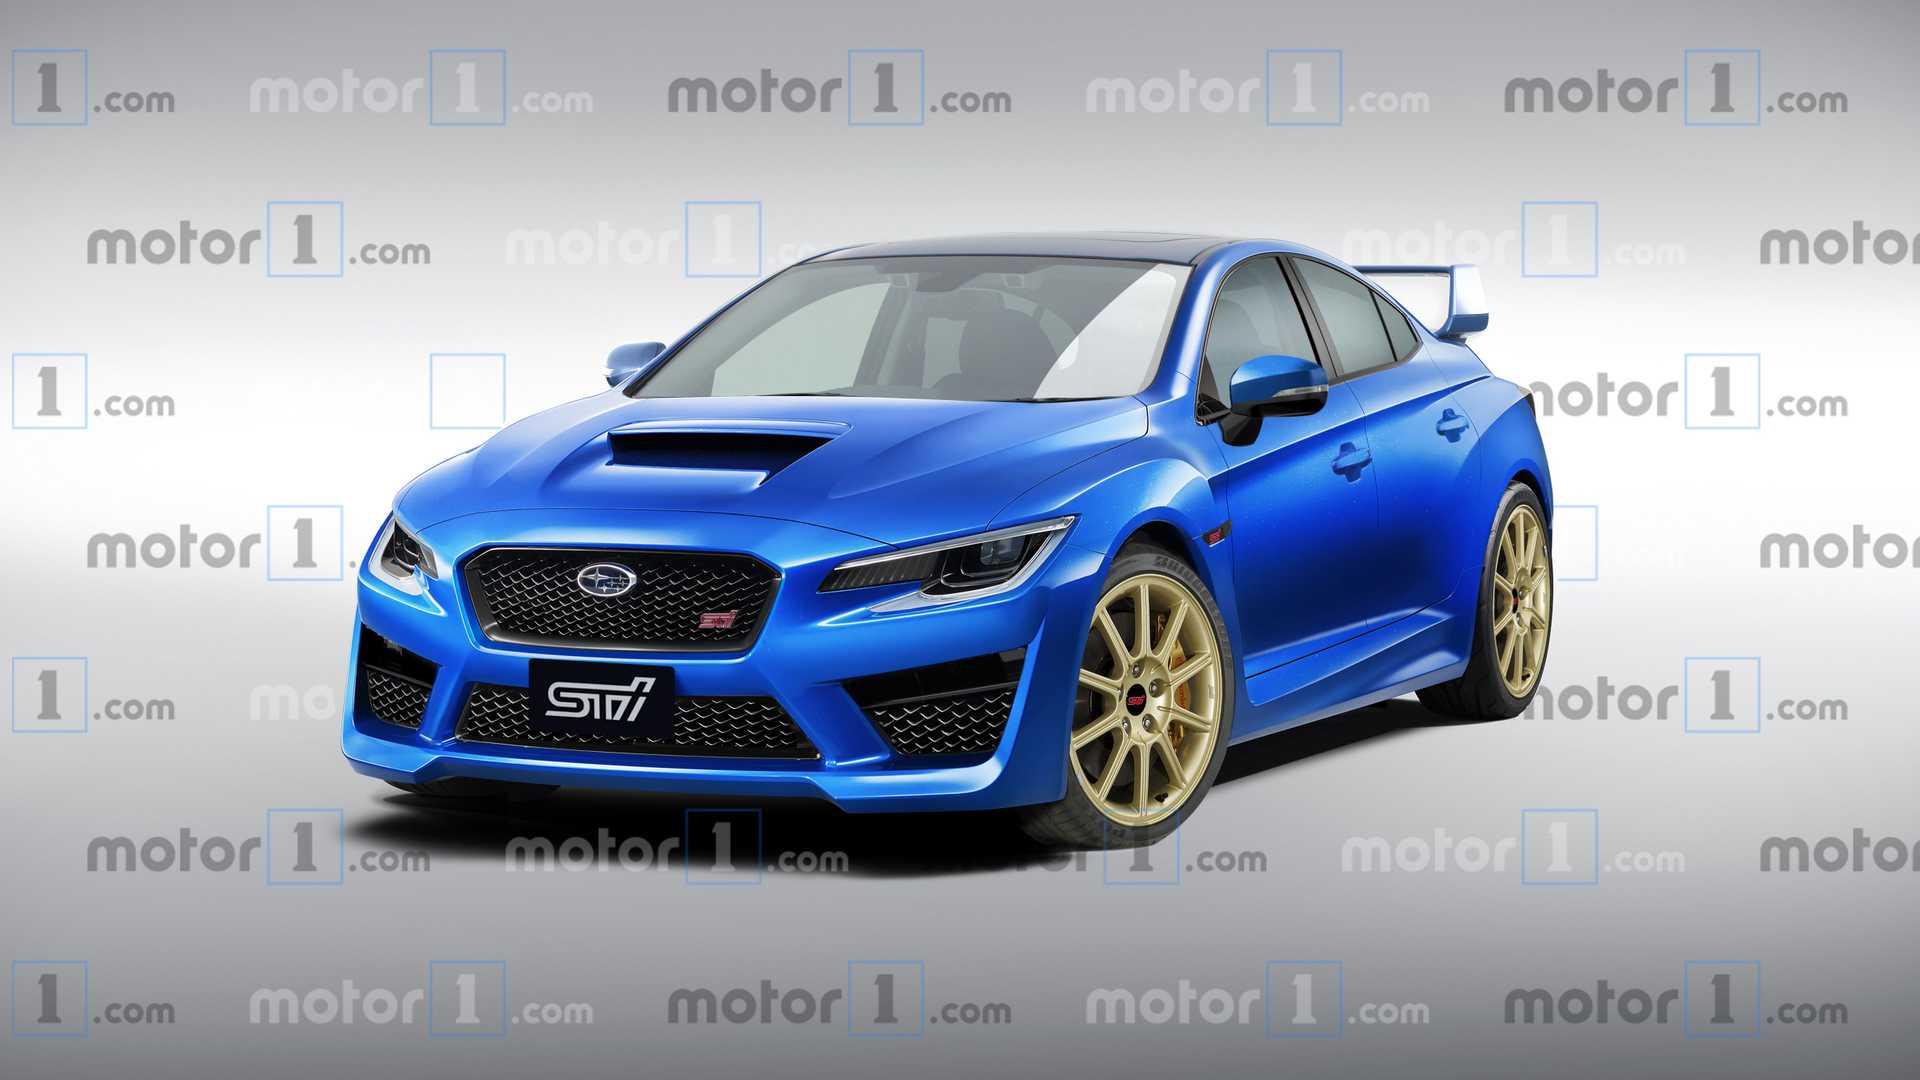 14 New Subaru My 2020 Model for Subaru My 2020